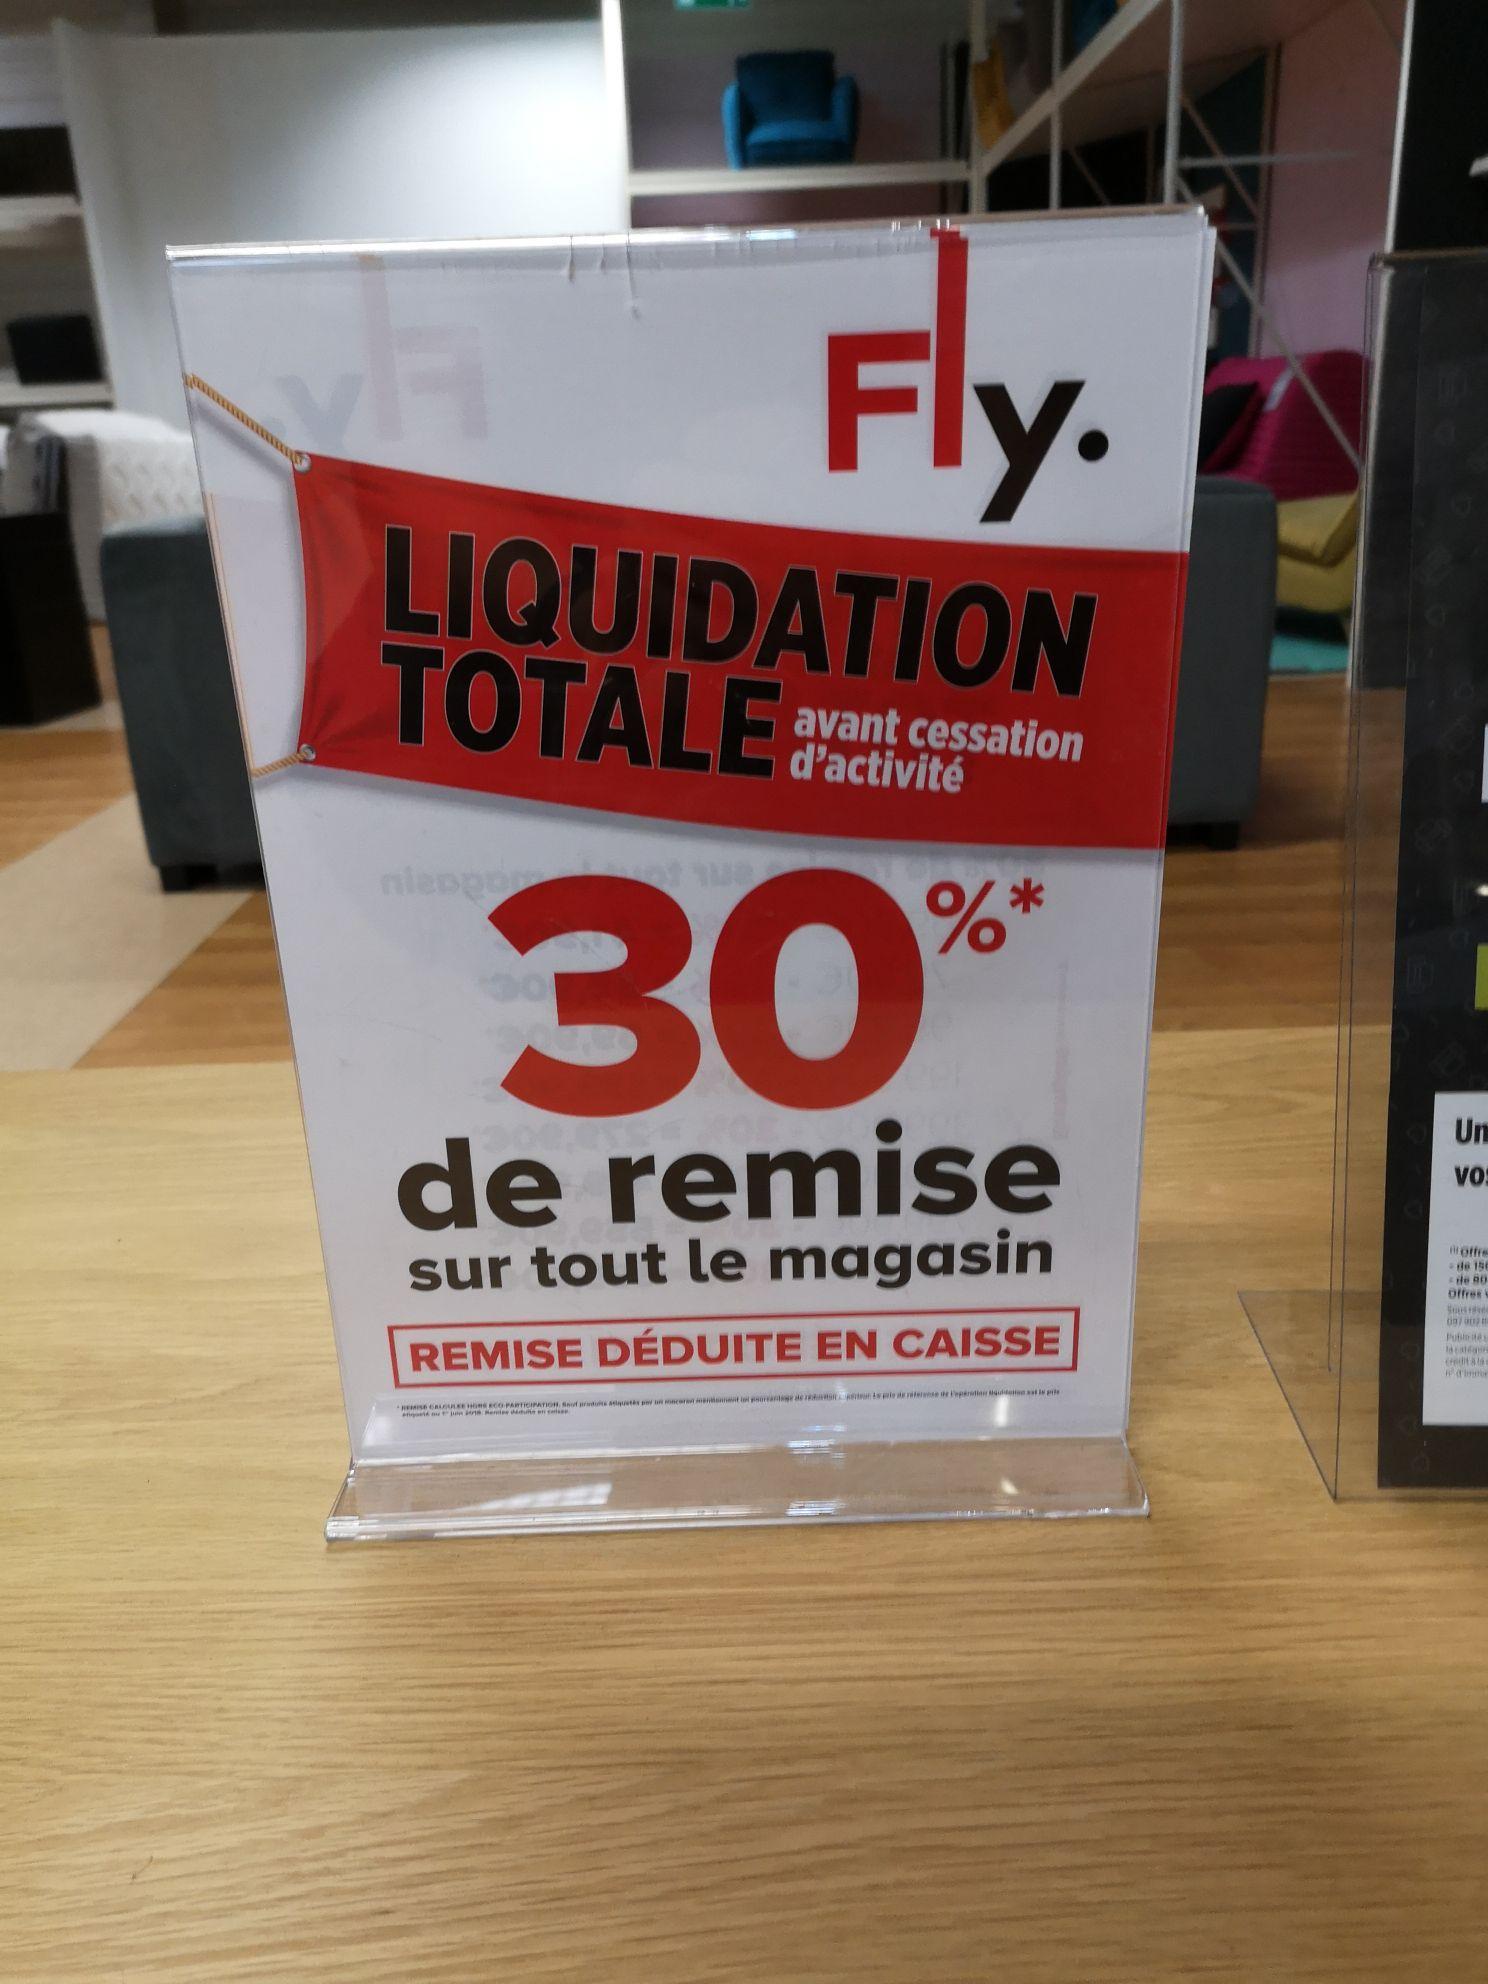 30% de réduction sur tout le magasin